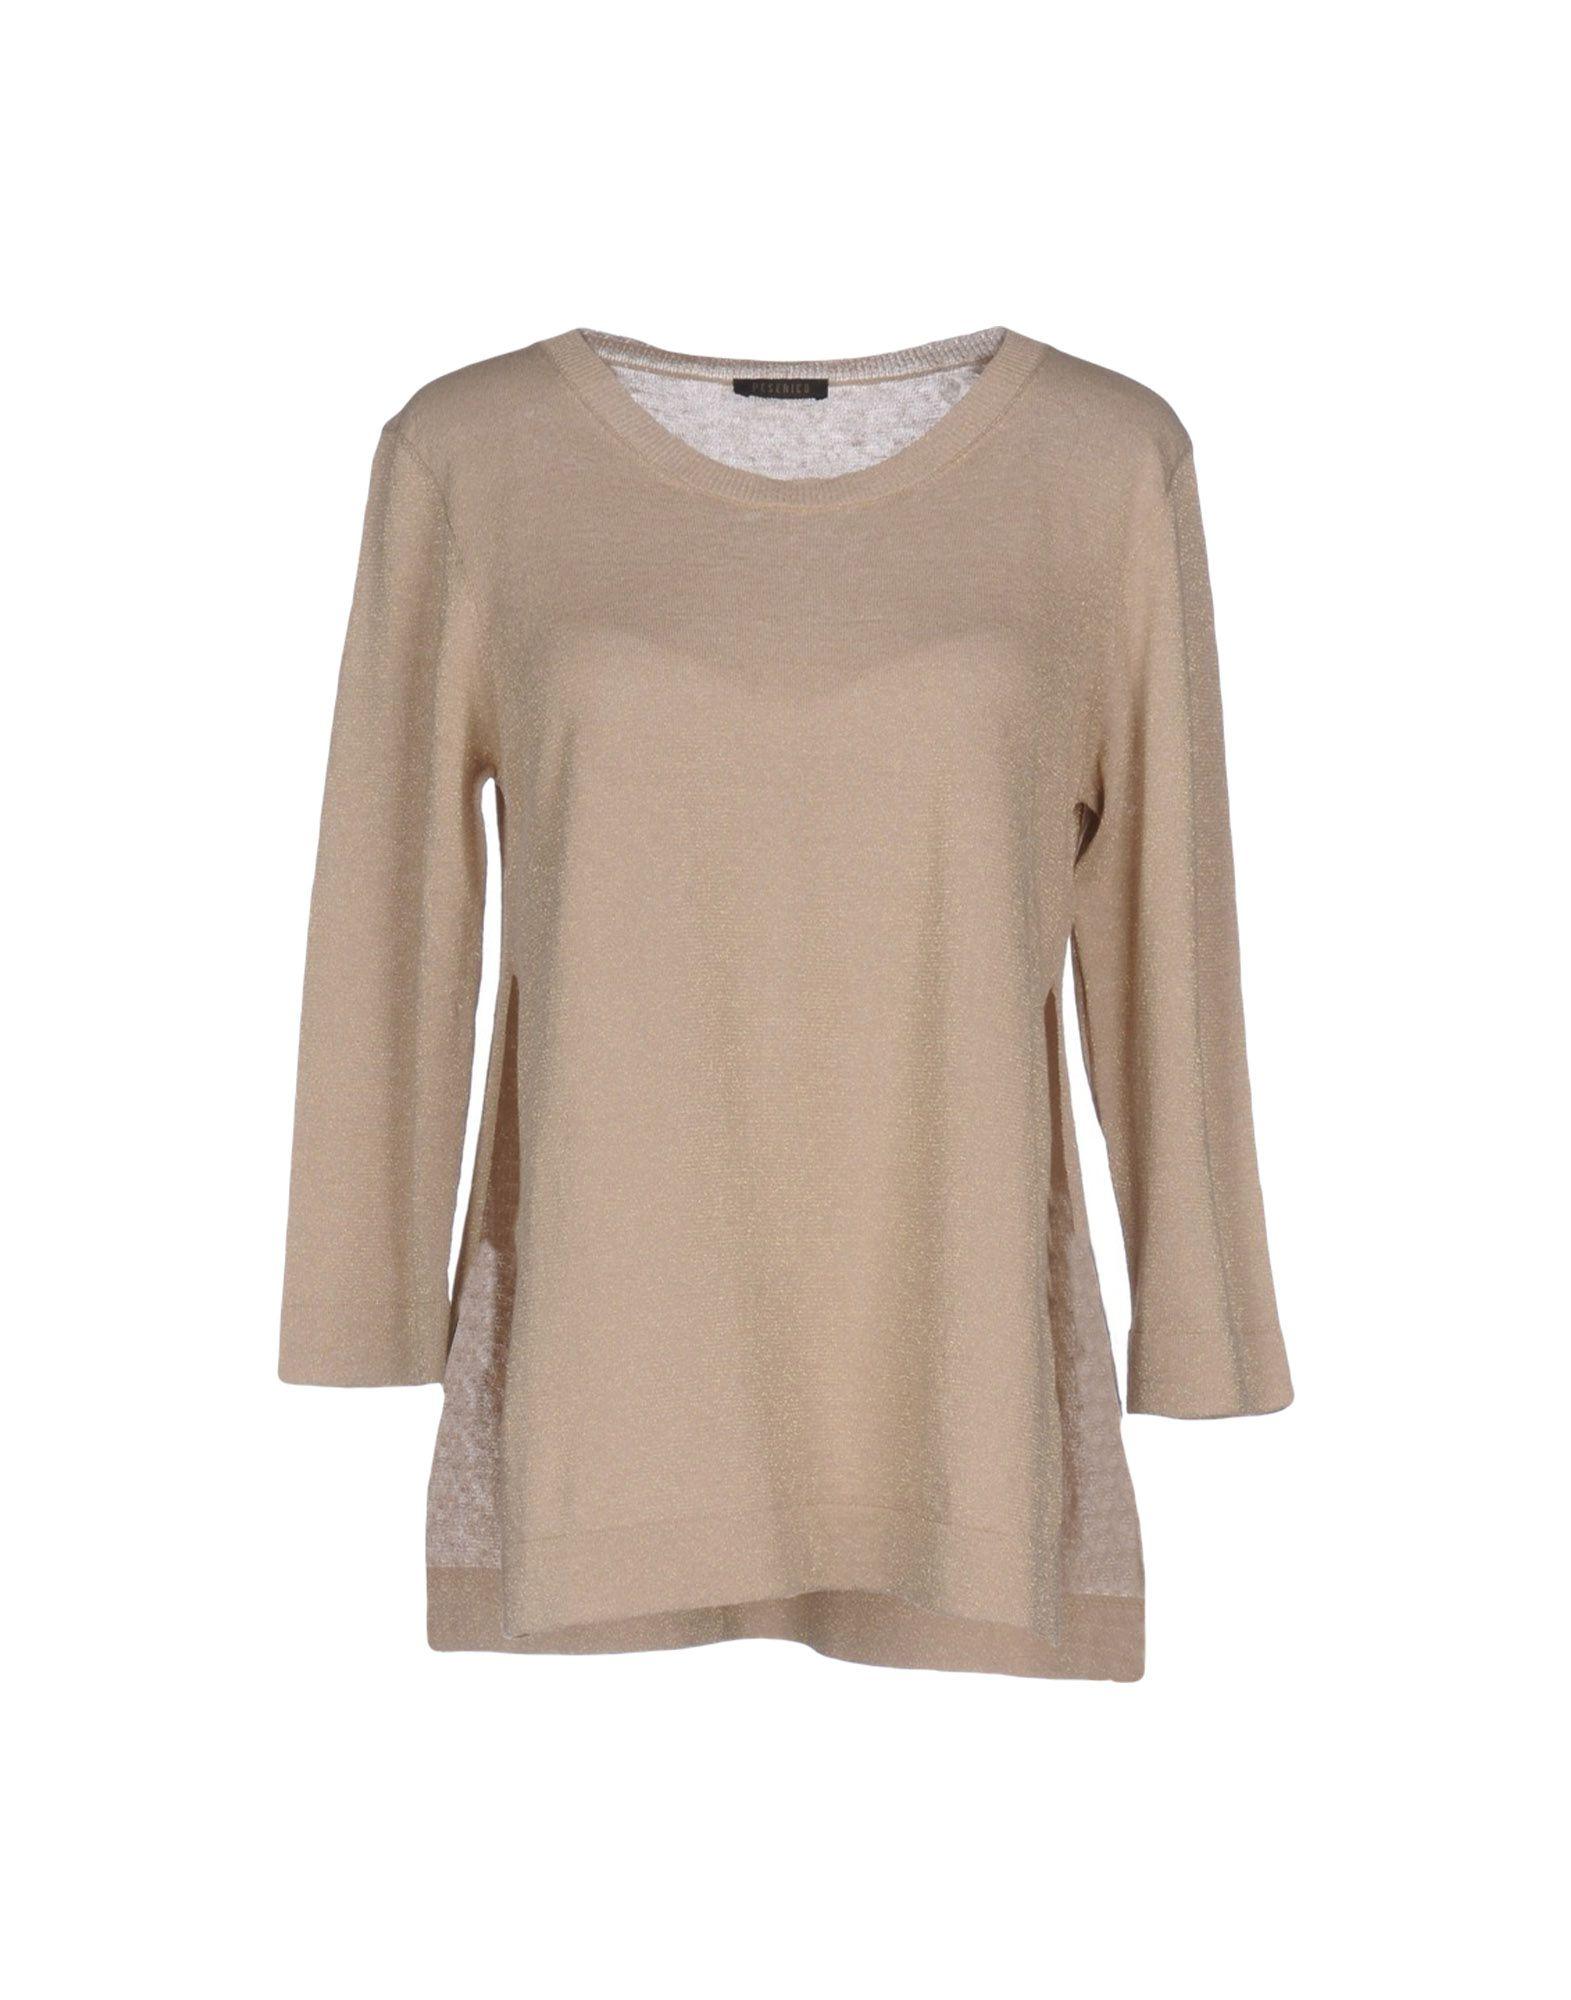 PESERICO Damen Pullover Farbe Sand Größe 5 jetztbilligerkaufen